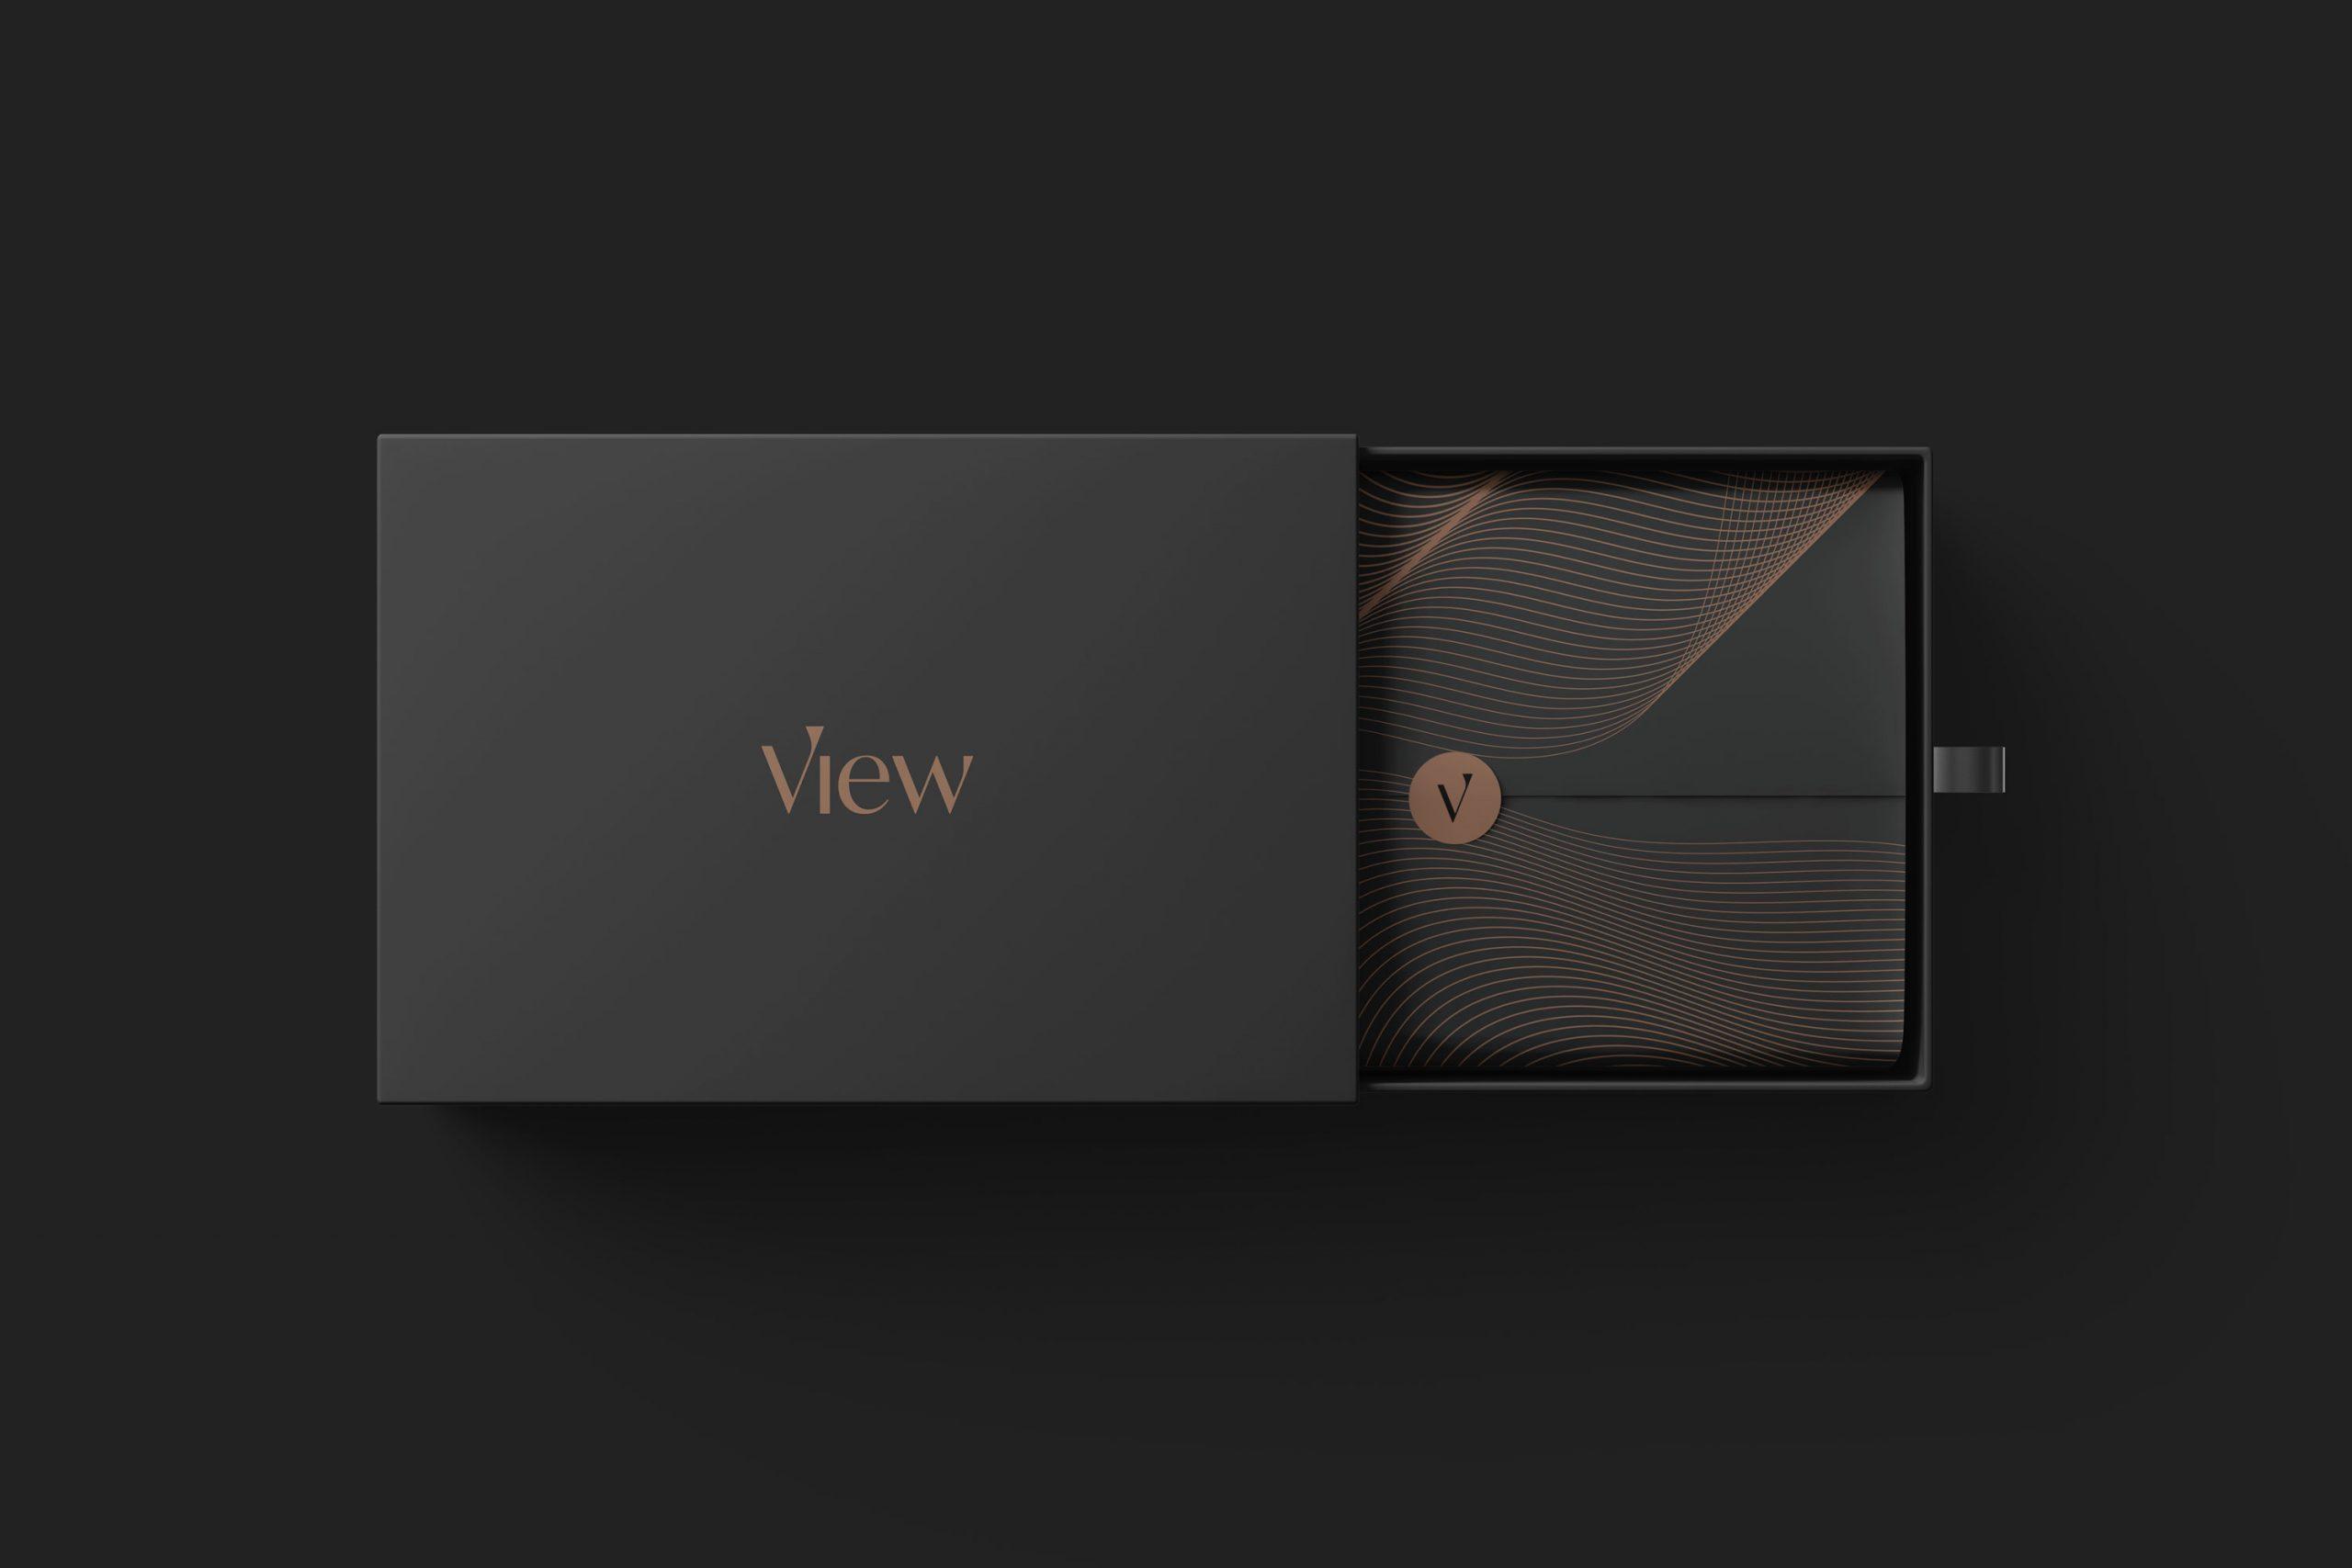 View-Box-Work-by-YaStudio-06